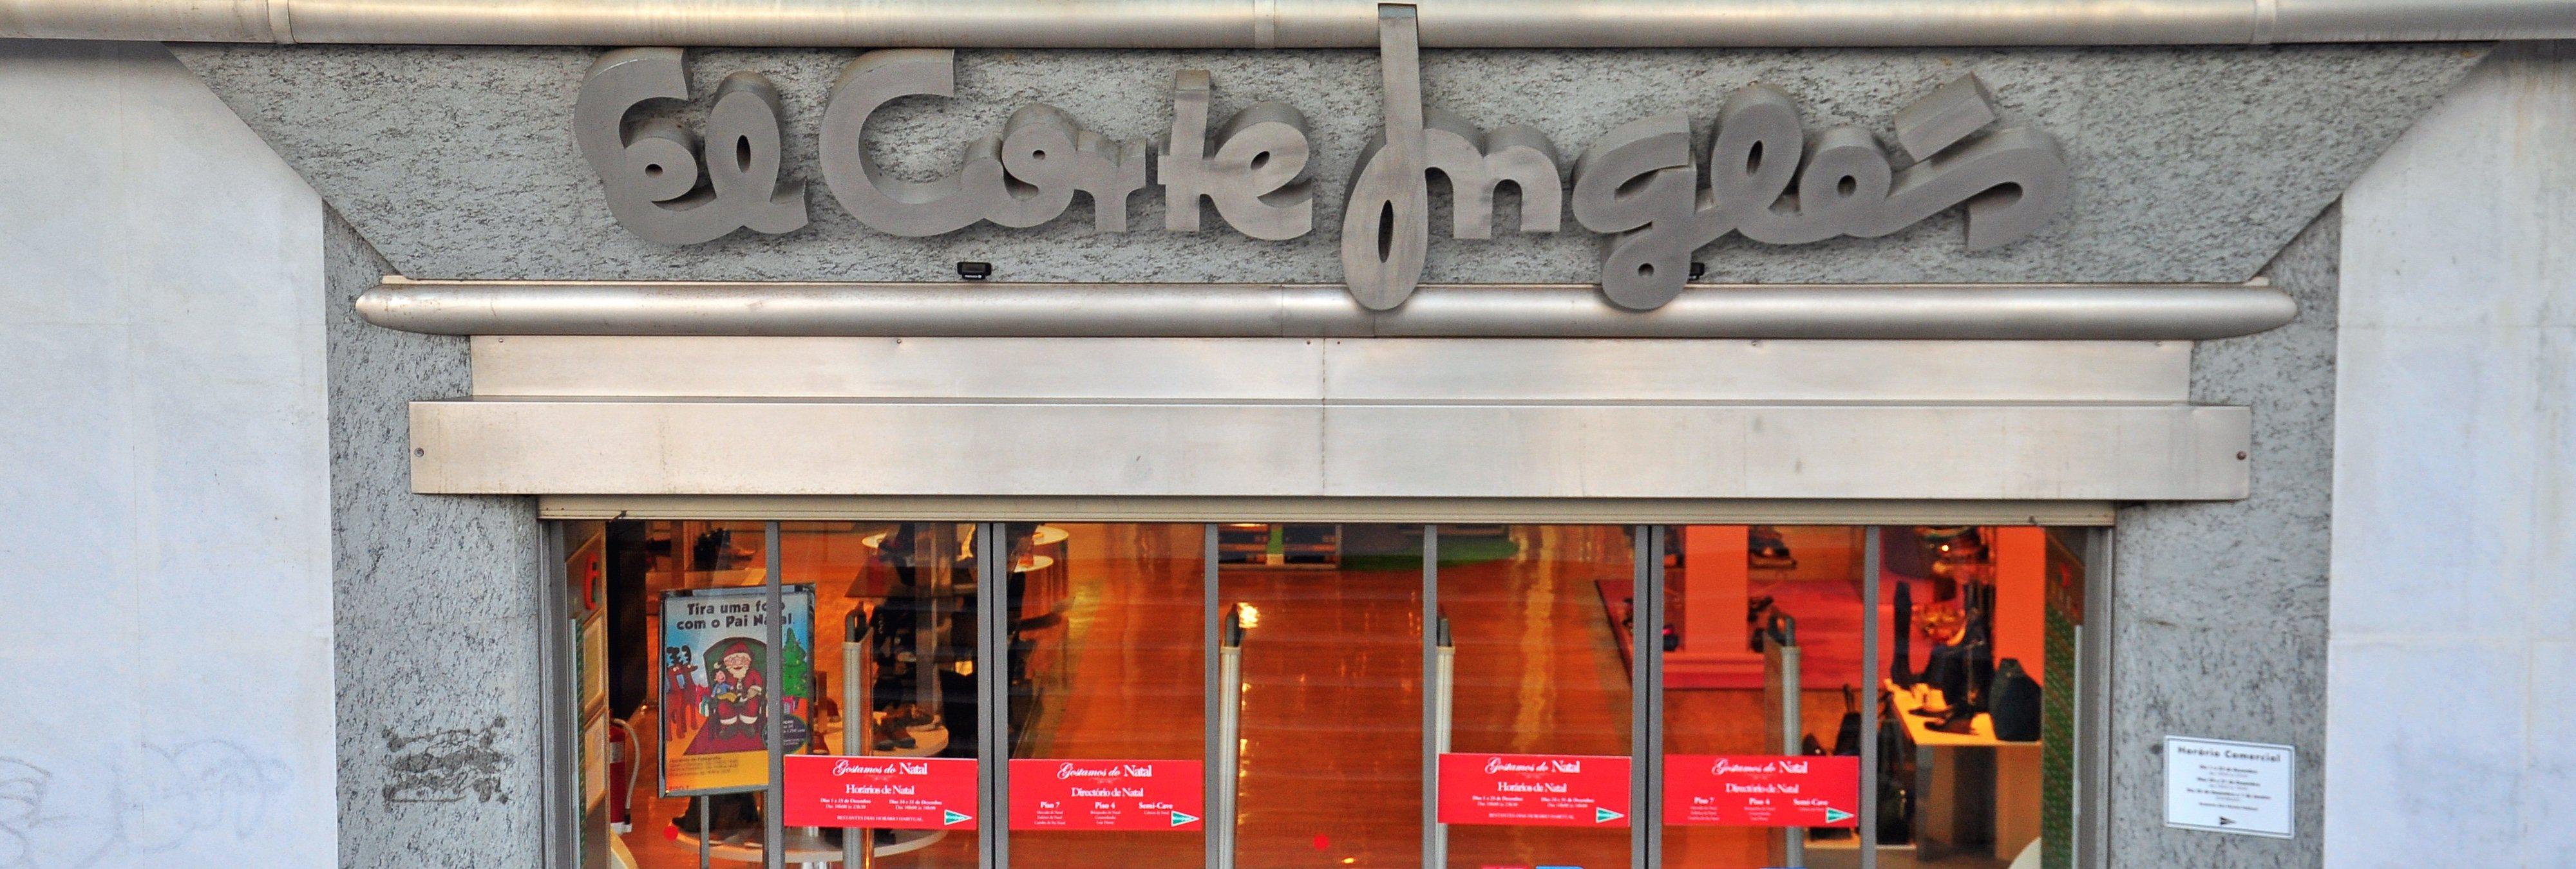 El Corte Inglés planea el cierre de centros comerciales por toda España ¿Es buena idea?